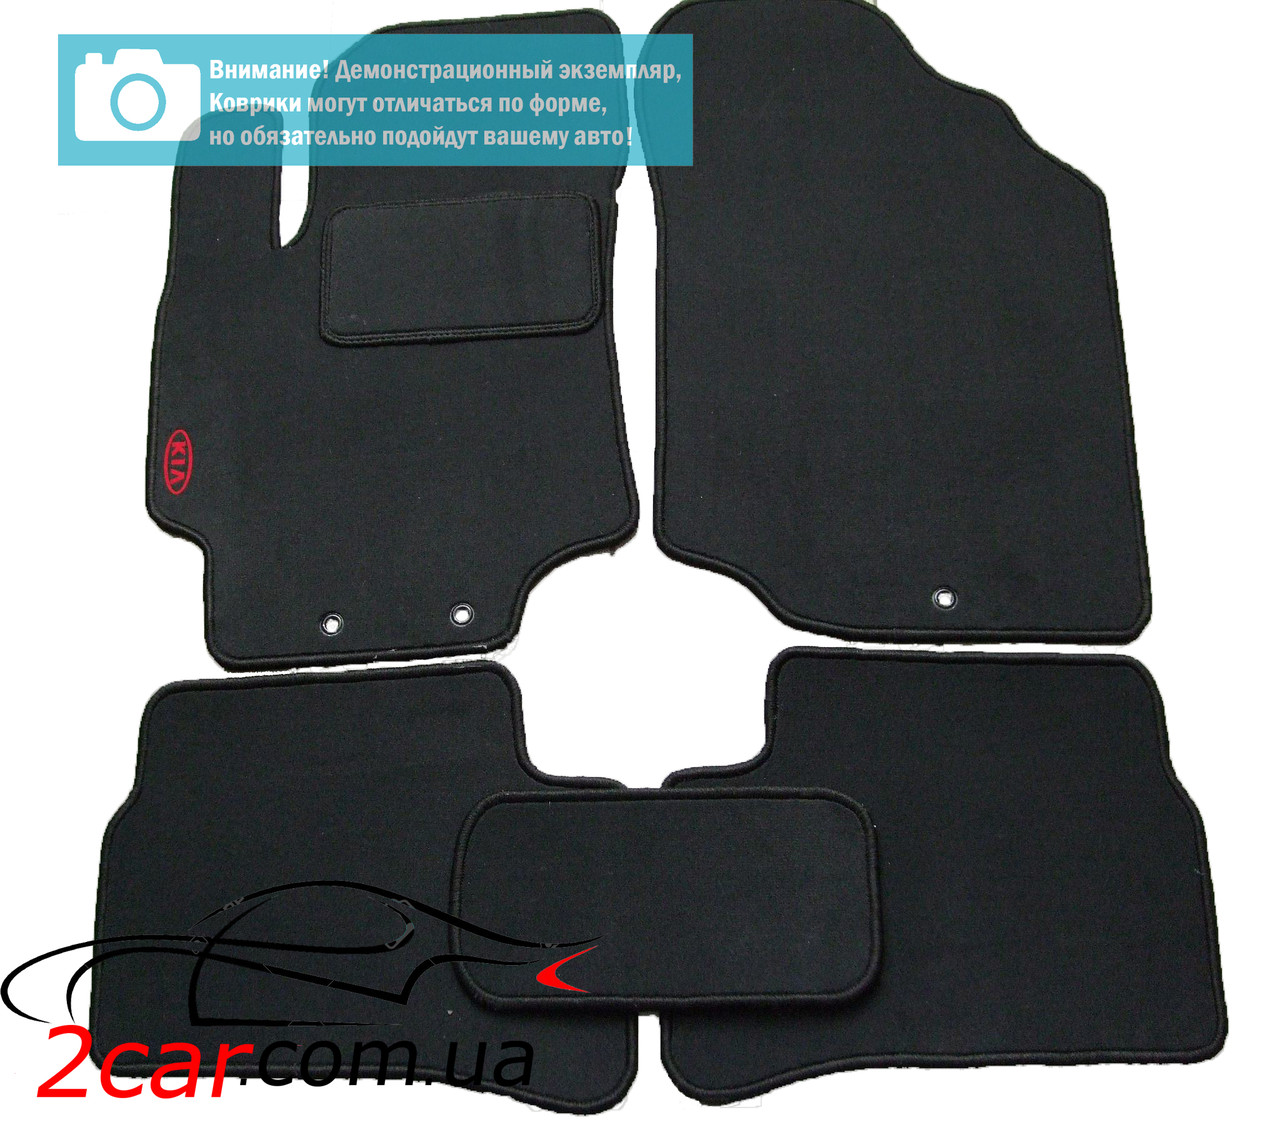 Текстильные коврики в салон для Skoda Felicia (чёрный) (StingrayUA)